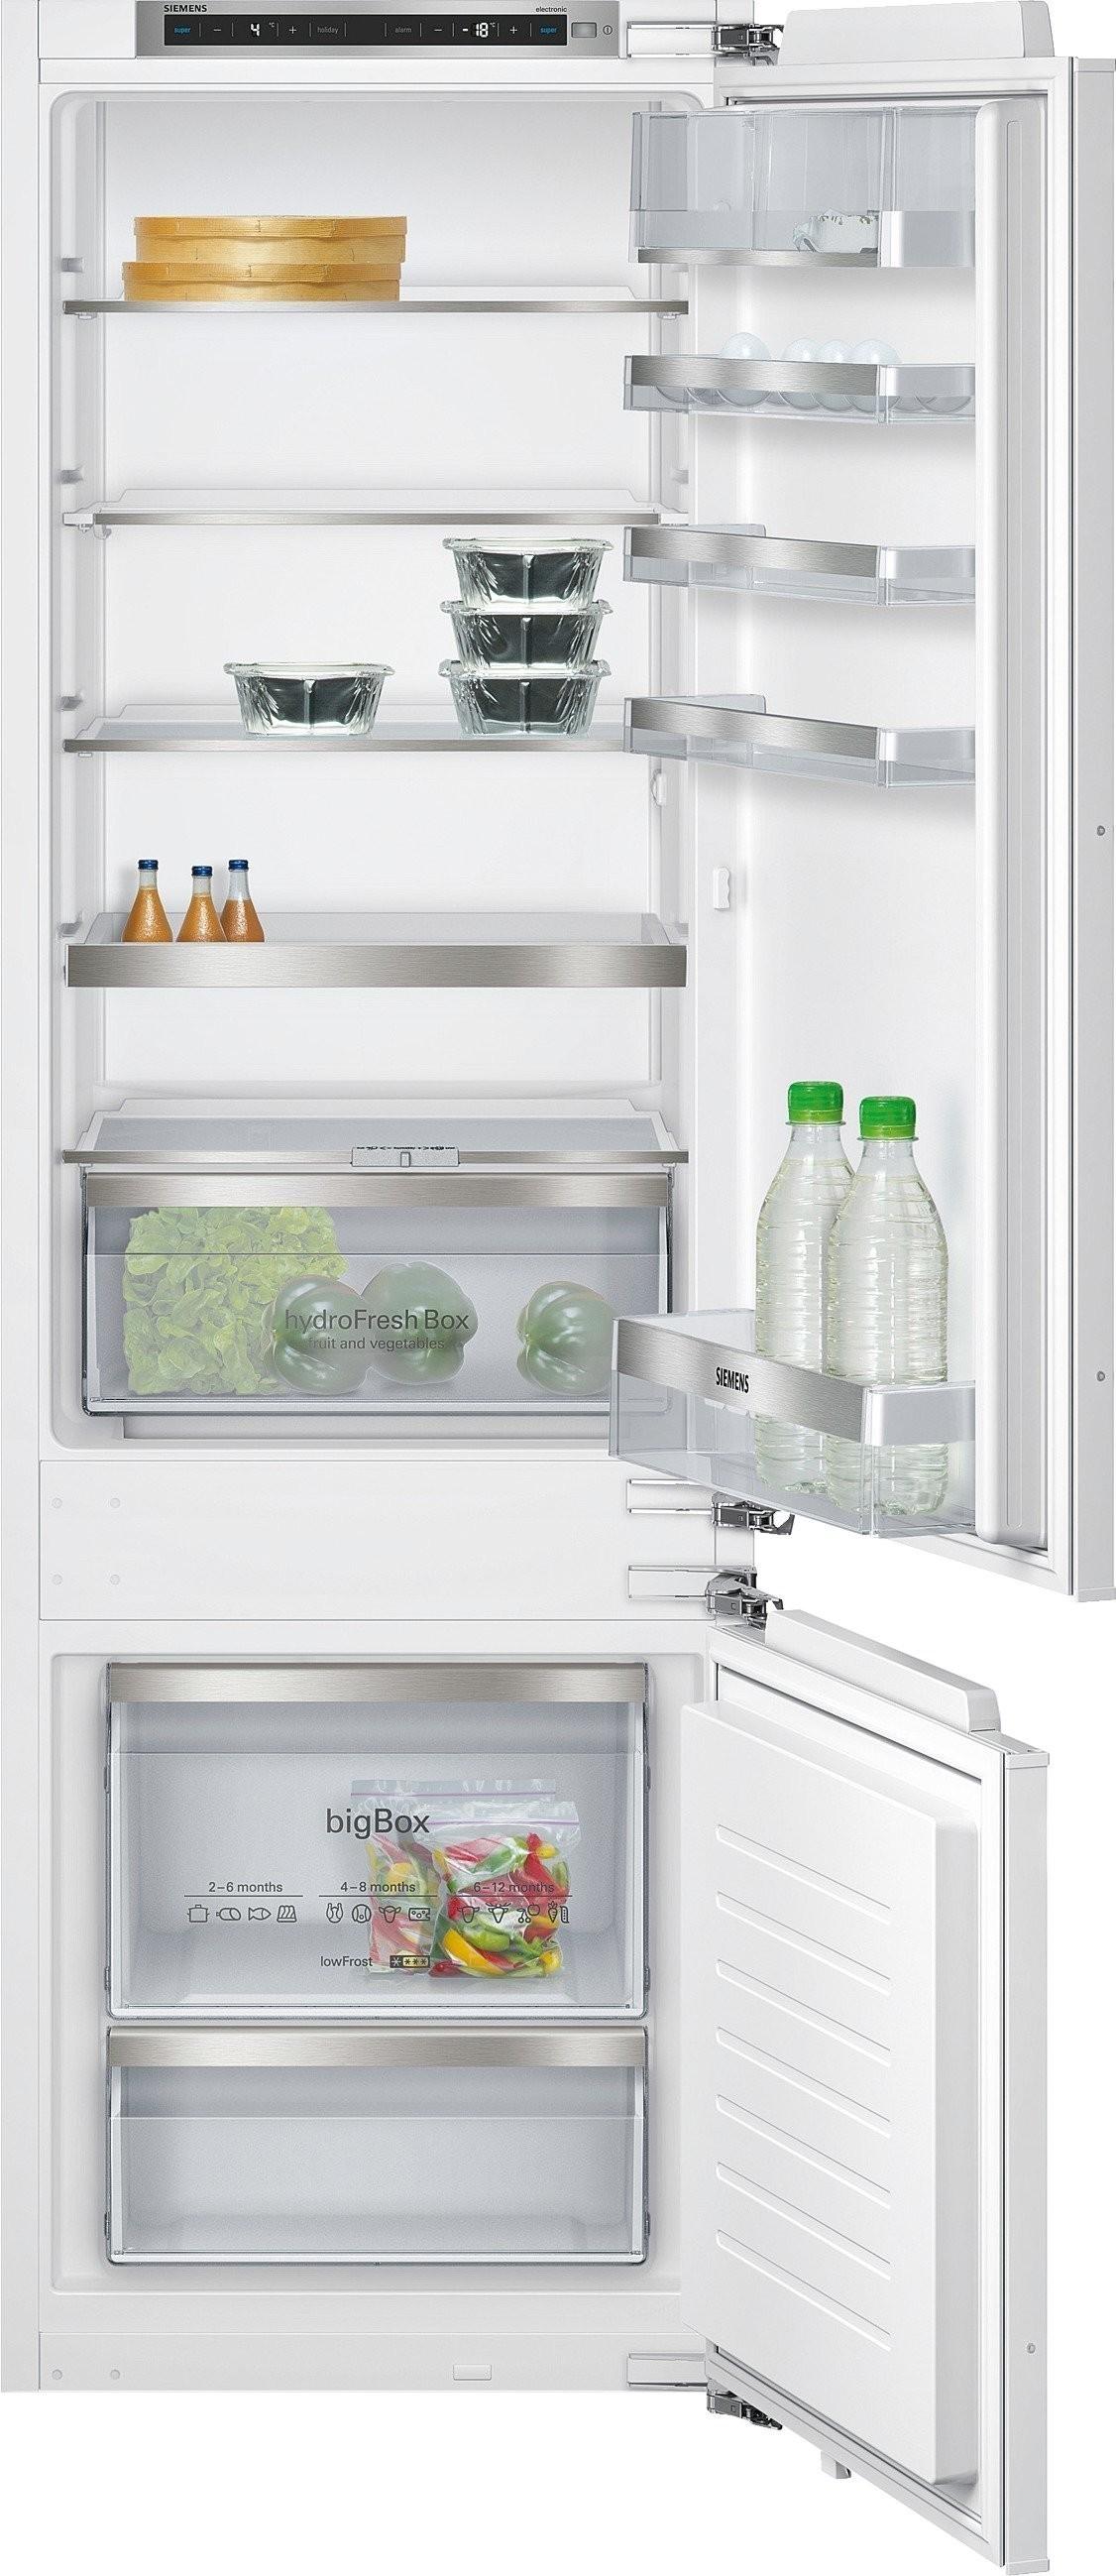 Siemens KI87SAF30 inbouw koelkast